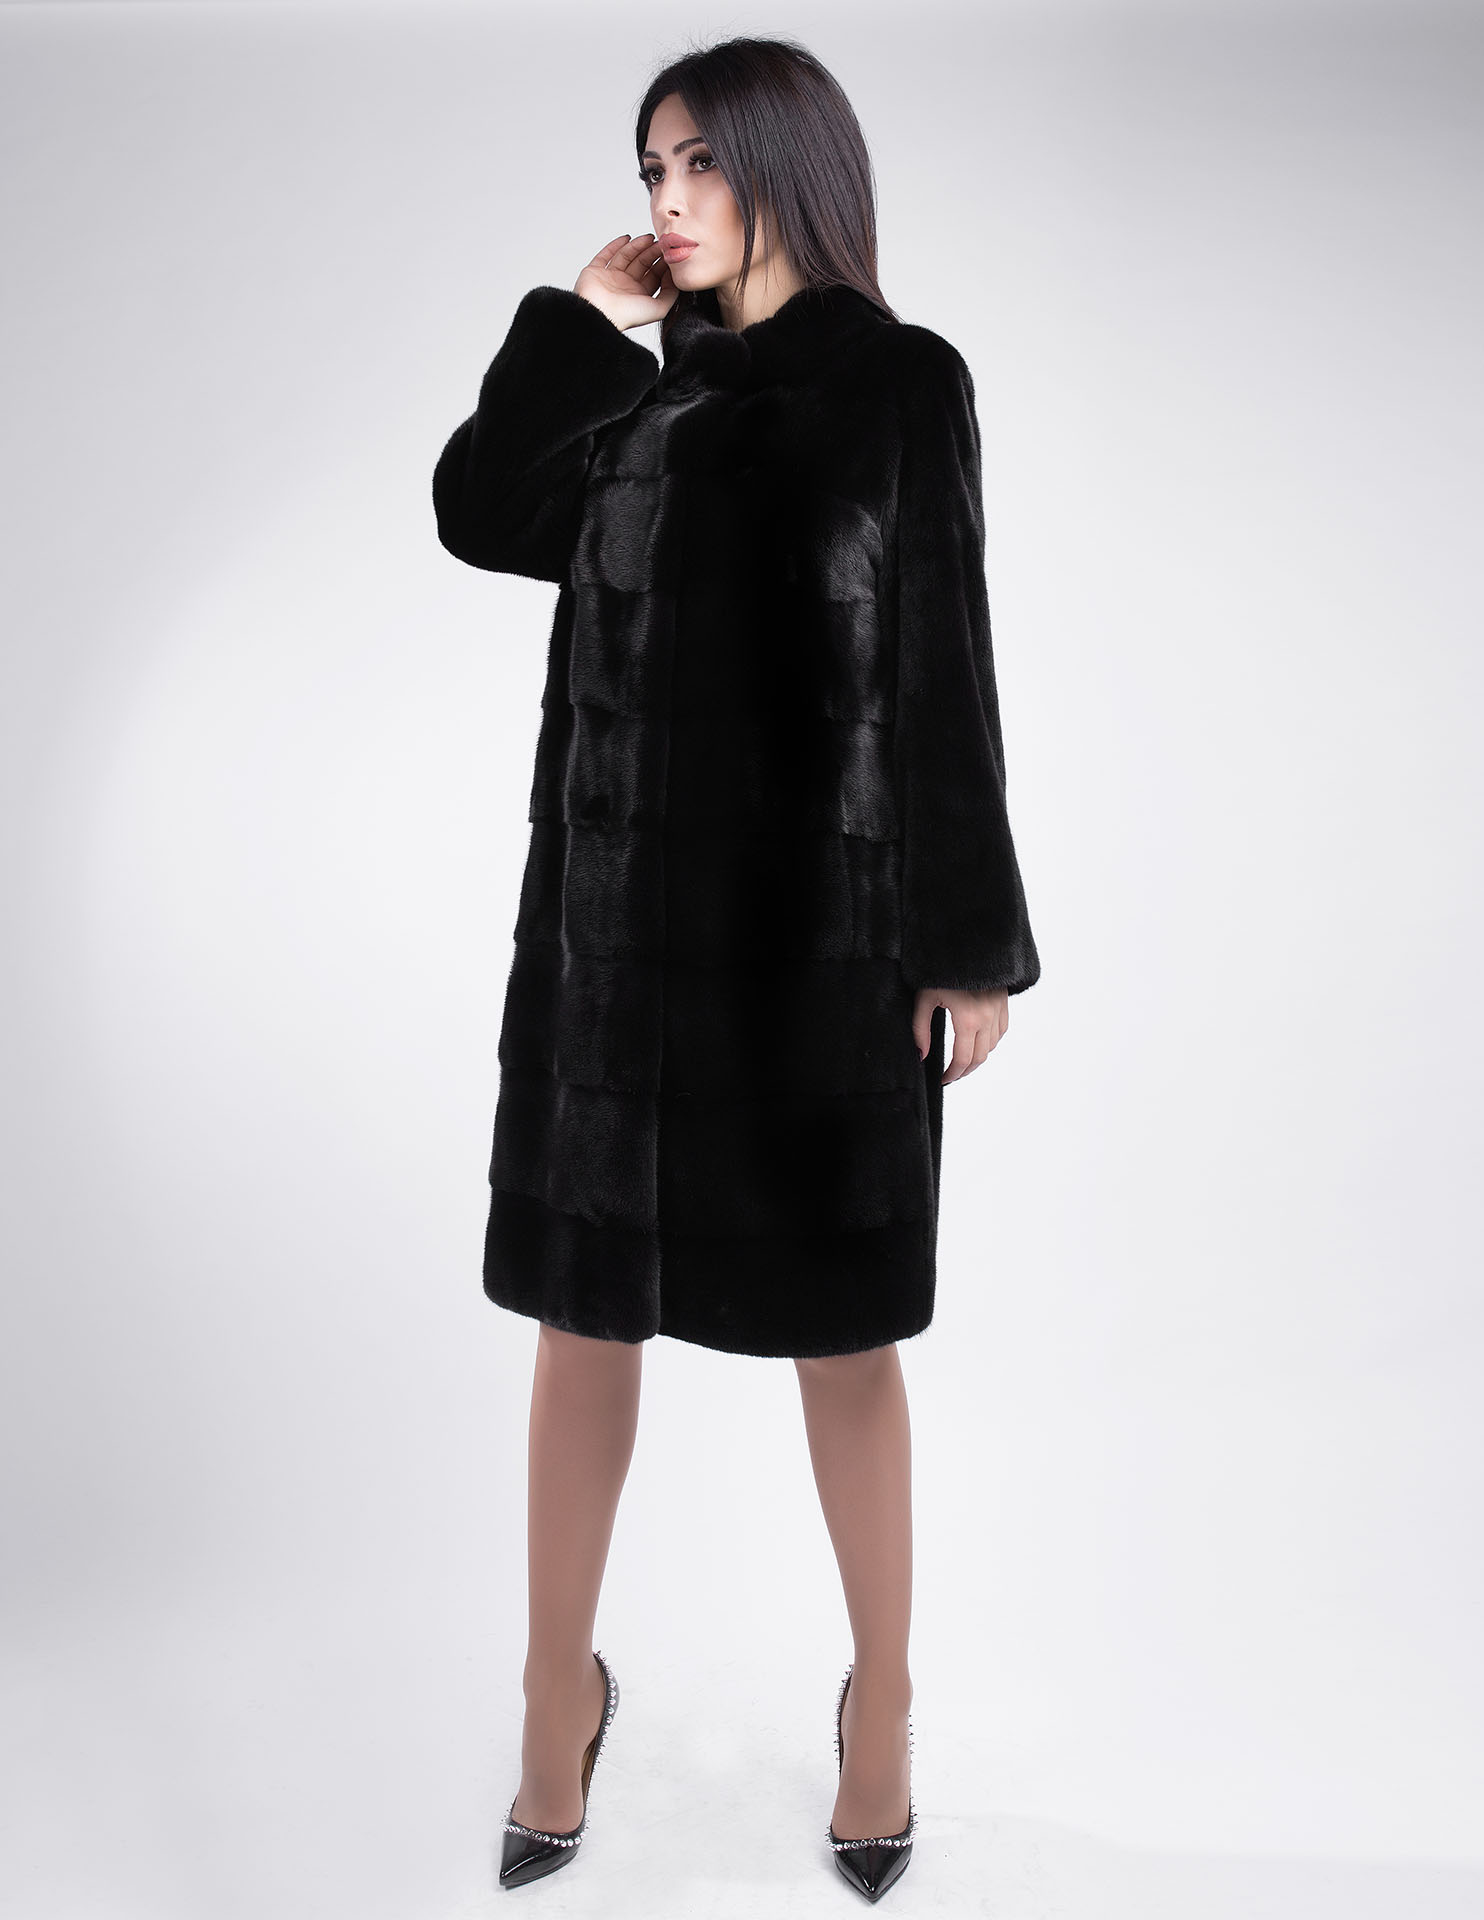 Норковая шуба с отделкой из меха полярной лисы PT furs 561